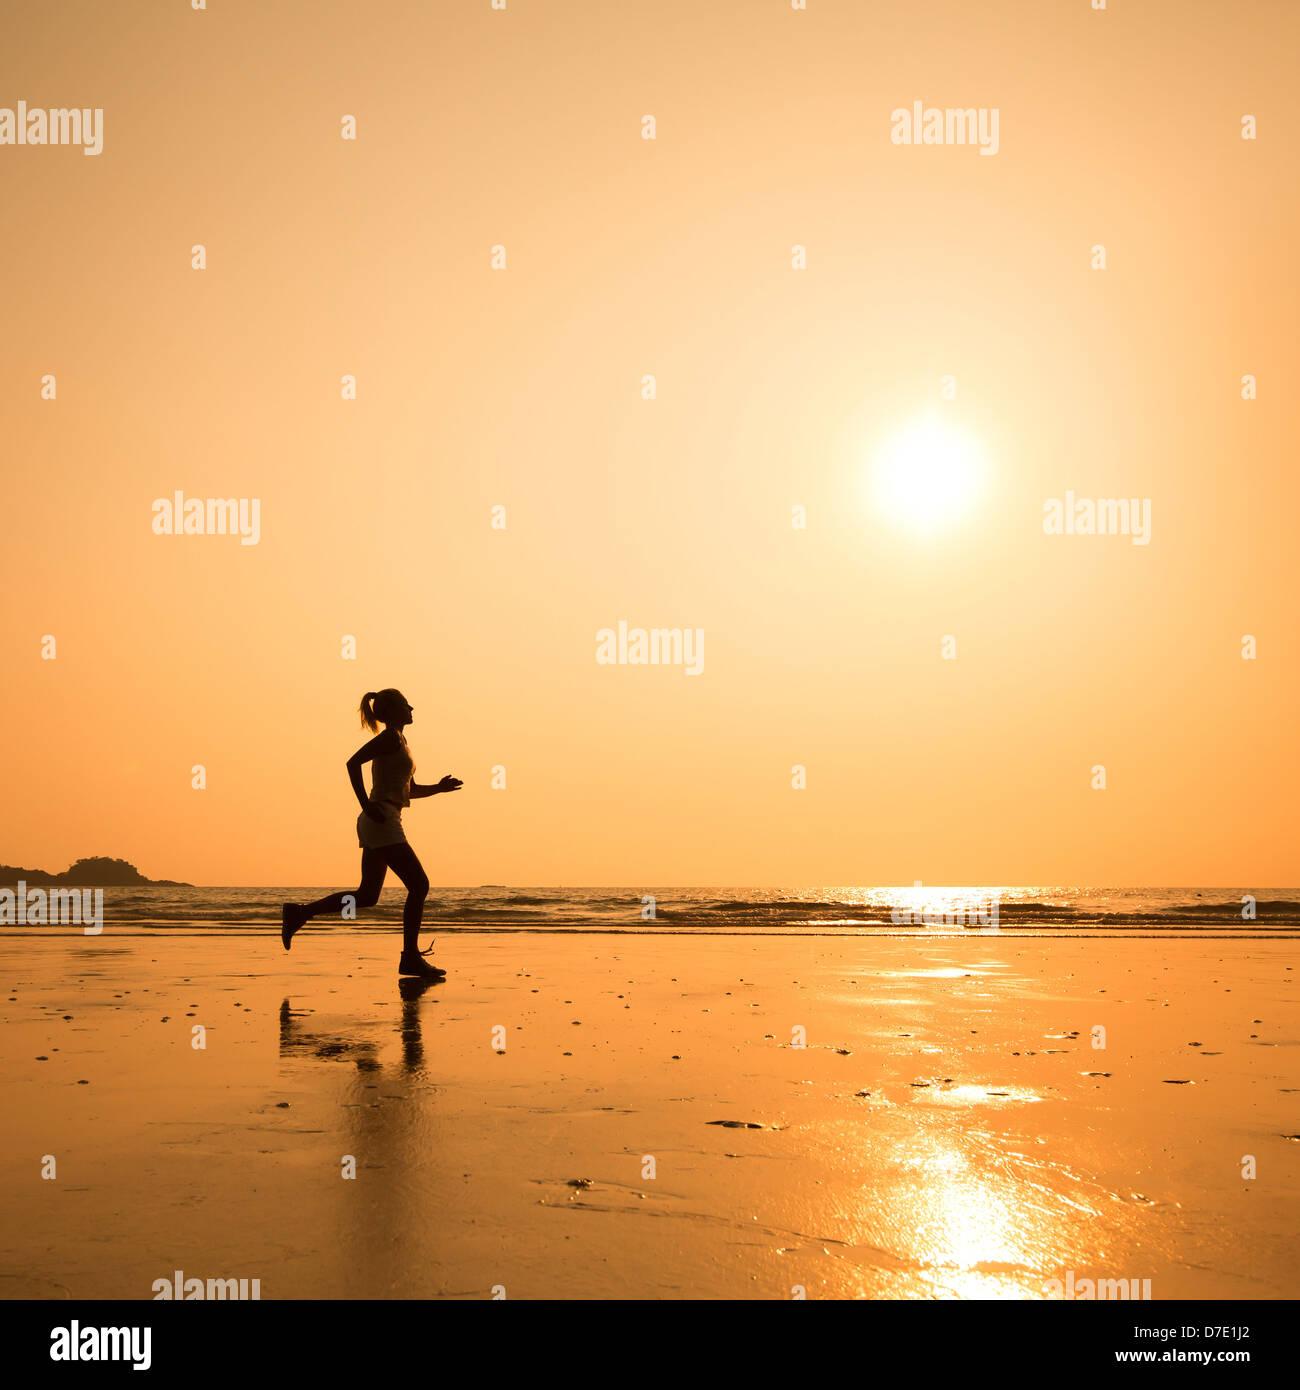 führen Sie zum Ziel, Frauen-Silhouette am Strand Stockbild